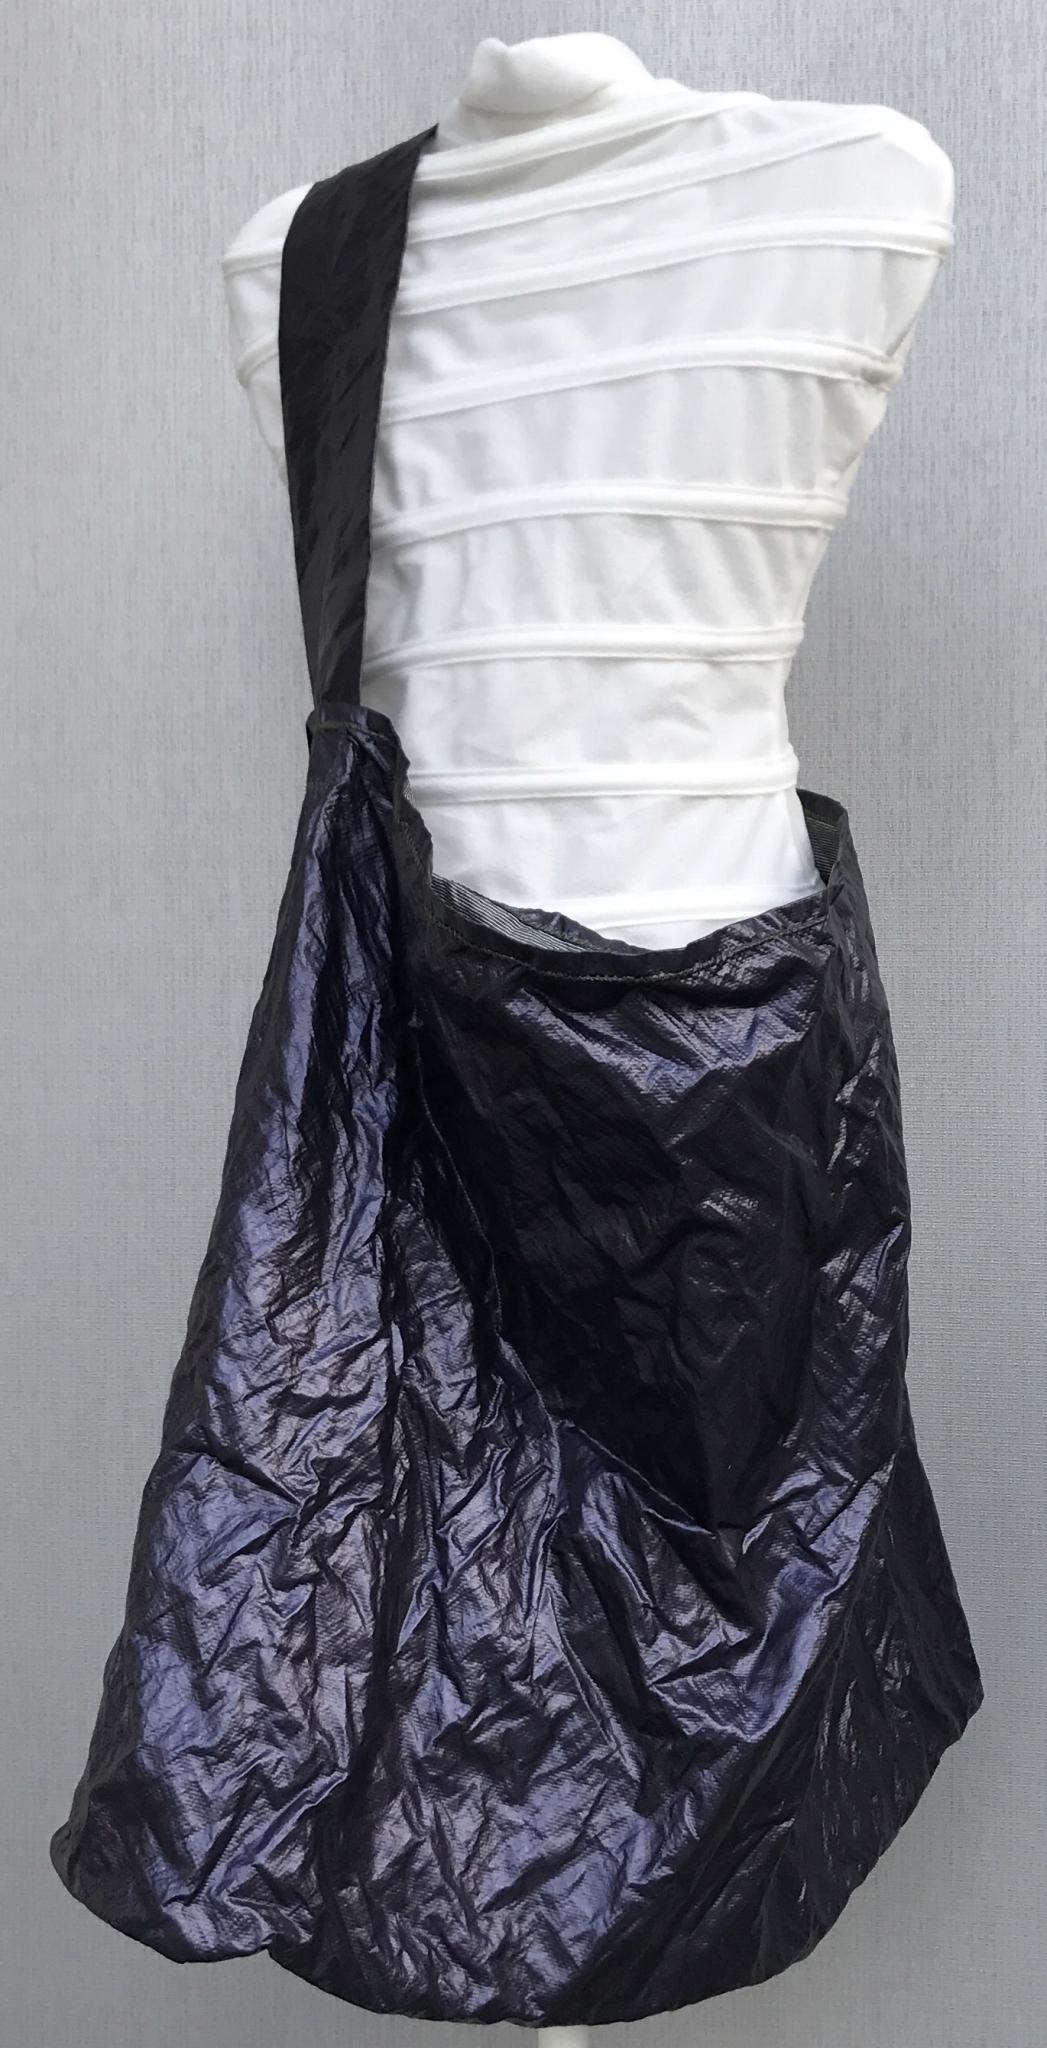 Riesige Umhängetasche lila metallic - sehr leicht! 00075